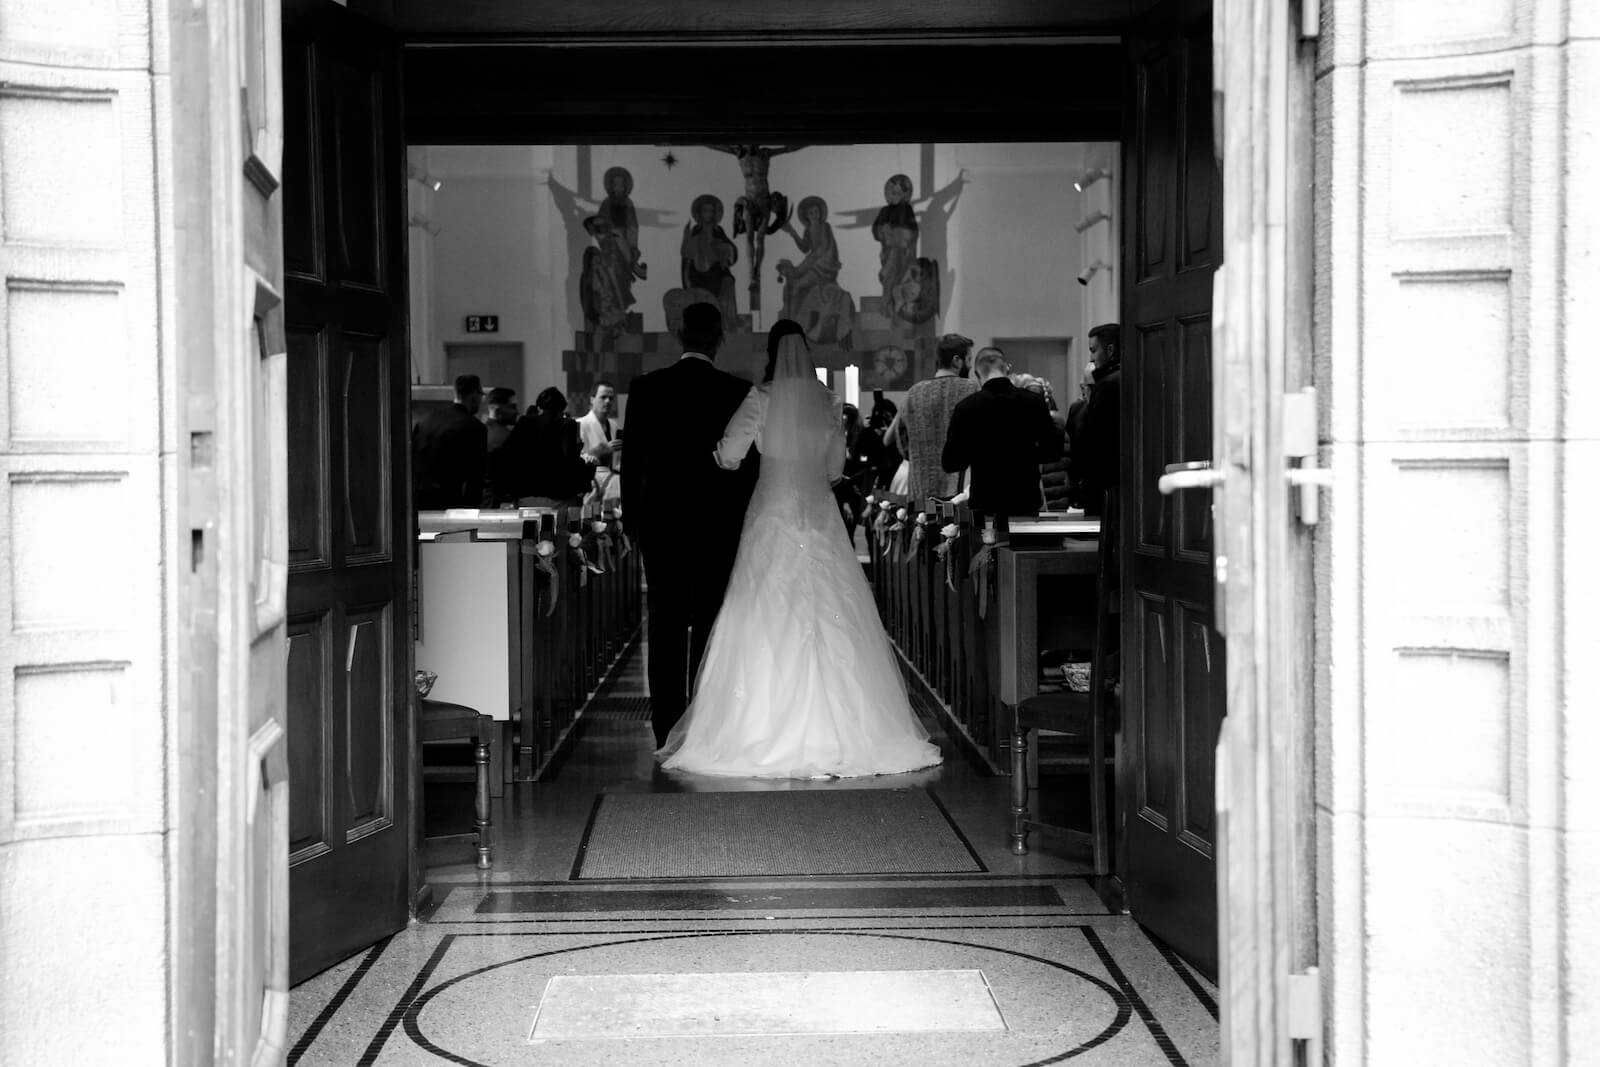 kirchliche Trauung in Landsberg - Einzug der Braut mit Vater in die Kirche